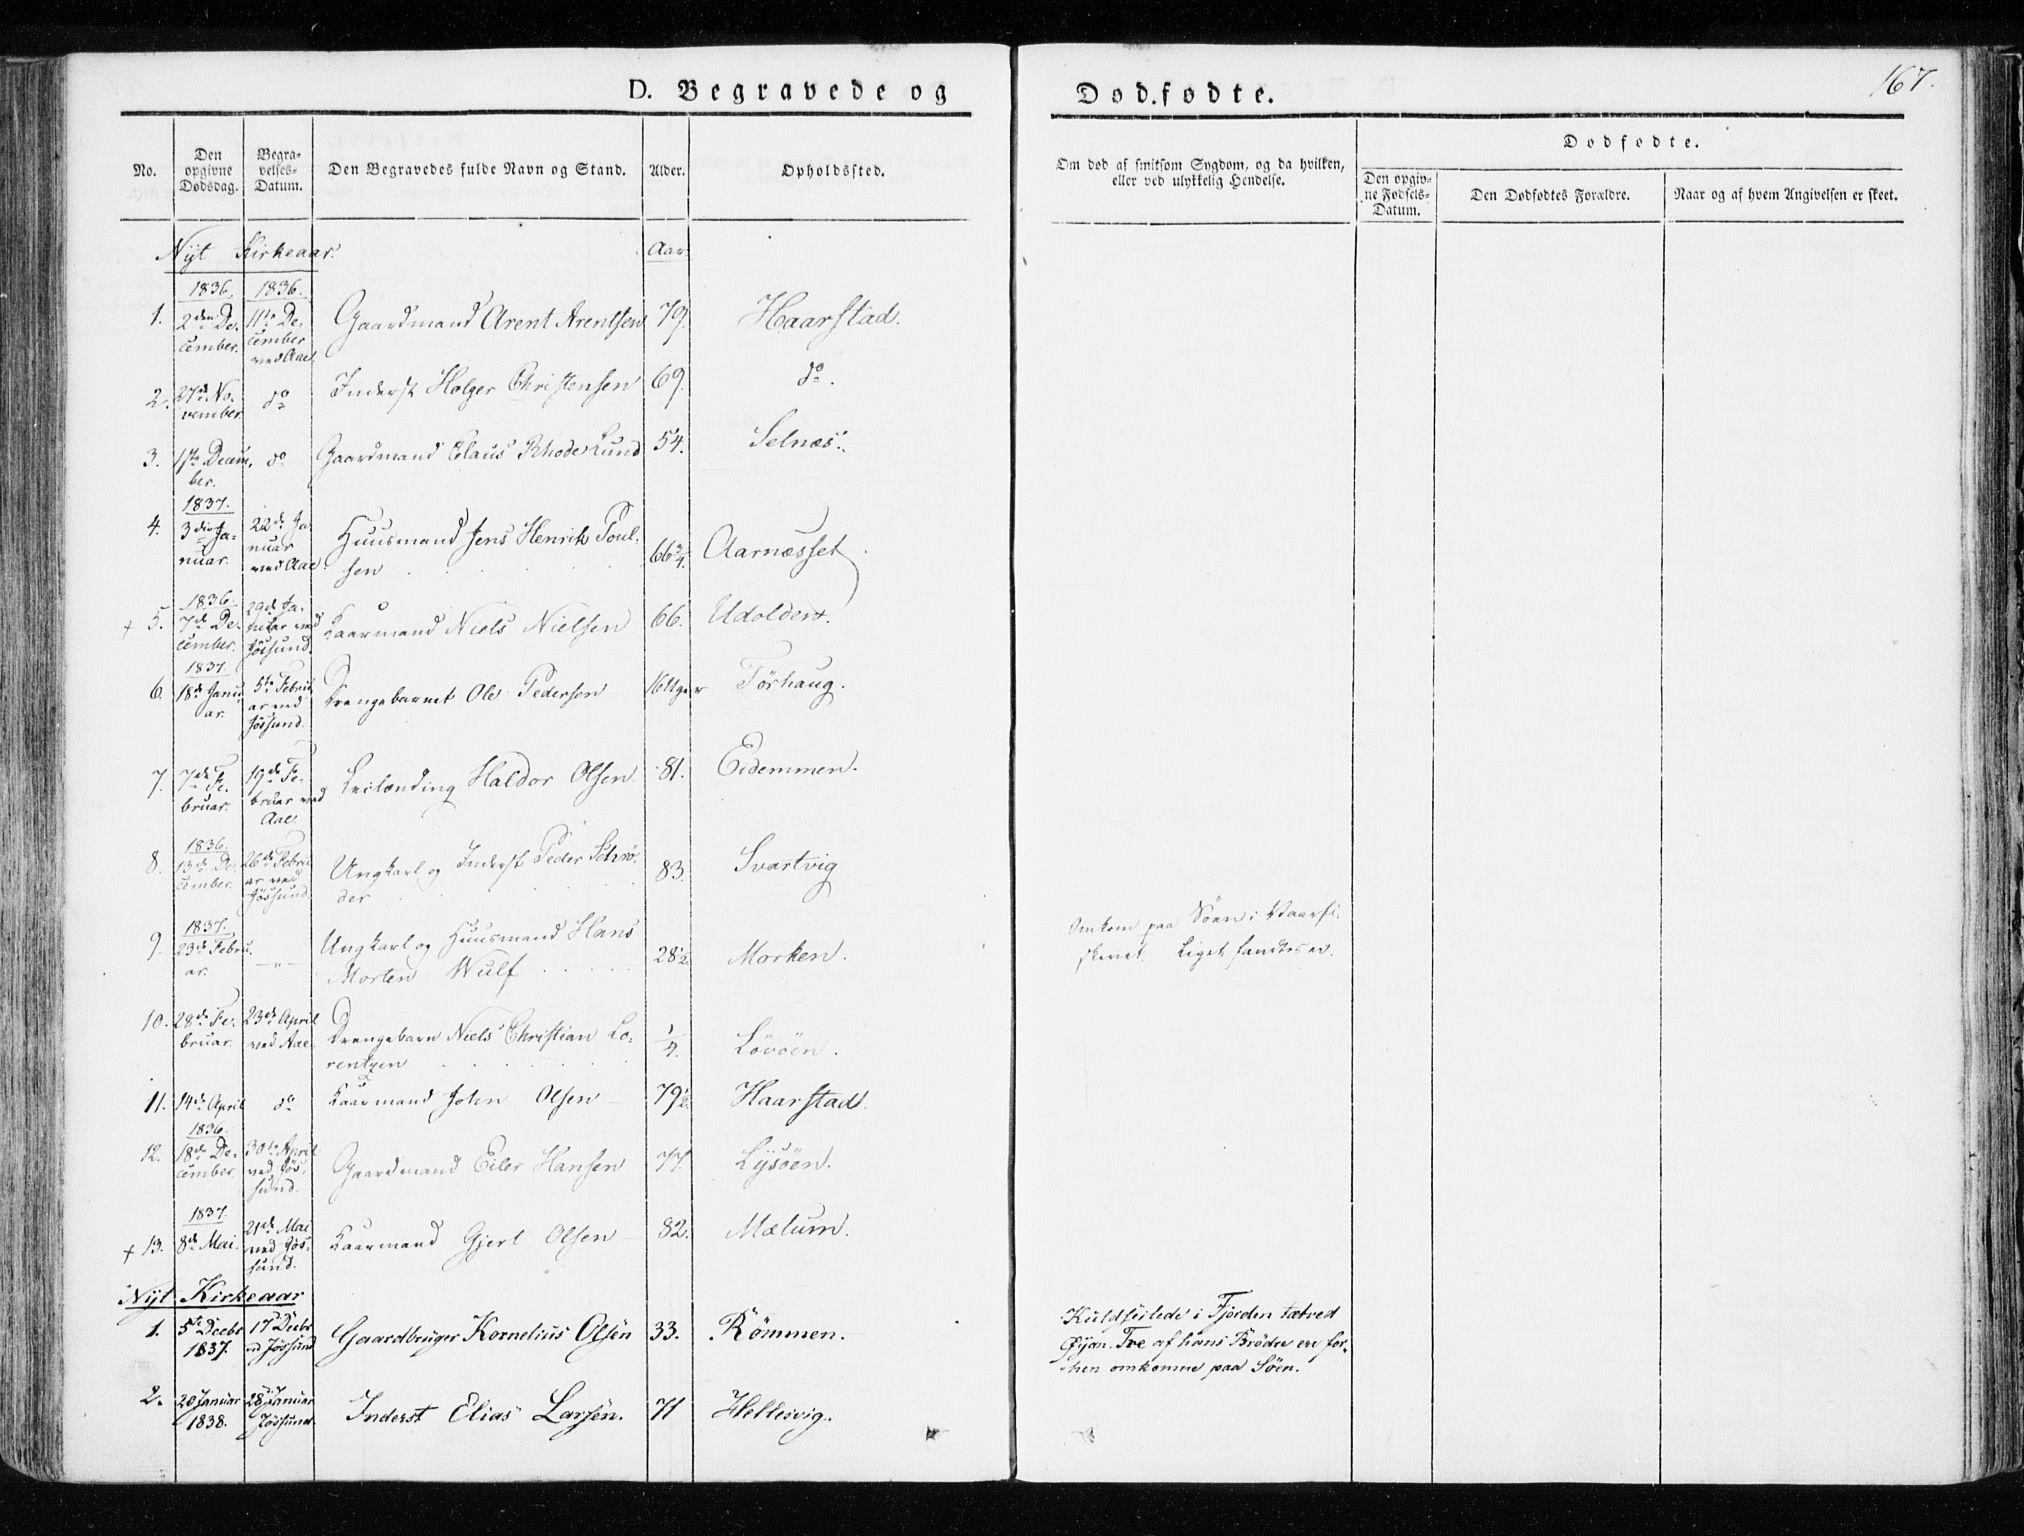 SAT, Ministerialprotokoller, klokkerbøker og fødselsregistre - Sør-Trøndelag, 655/L0676: Ministerialbok nr. 655A05, 1830-1847, s. 167